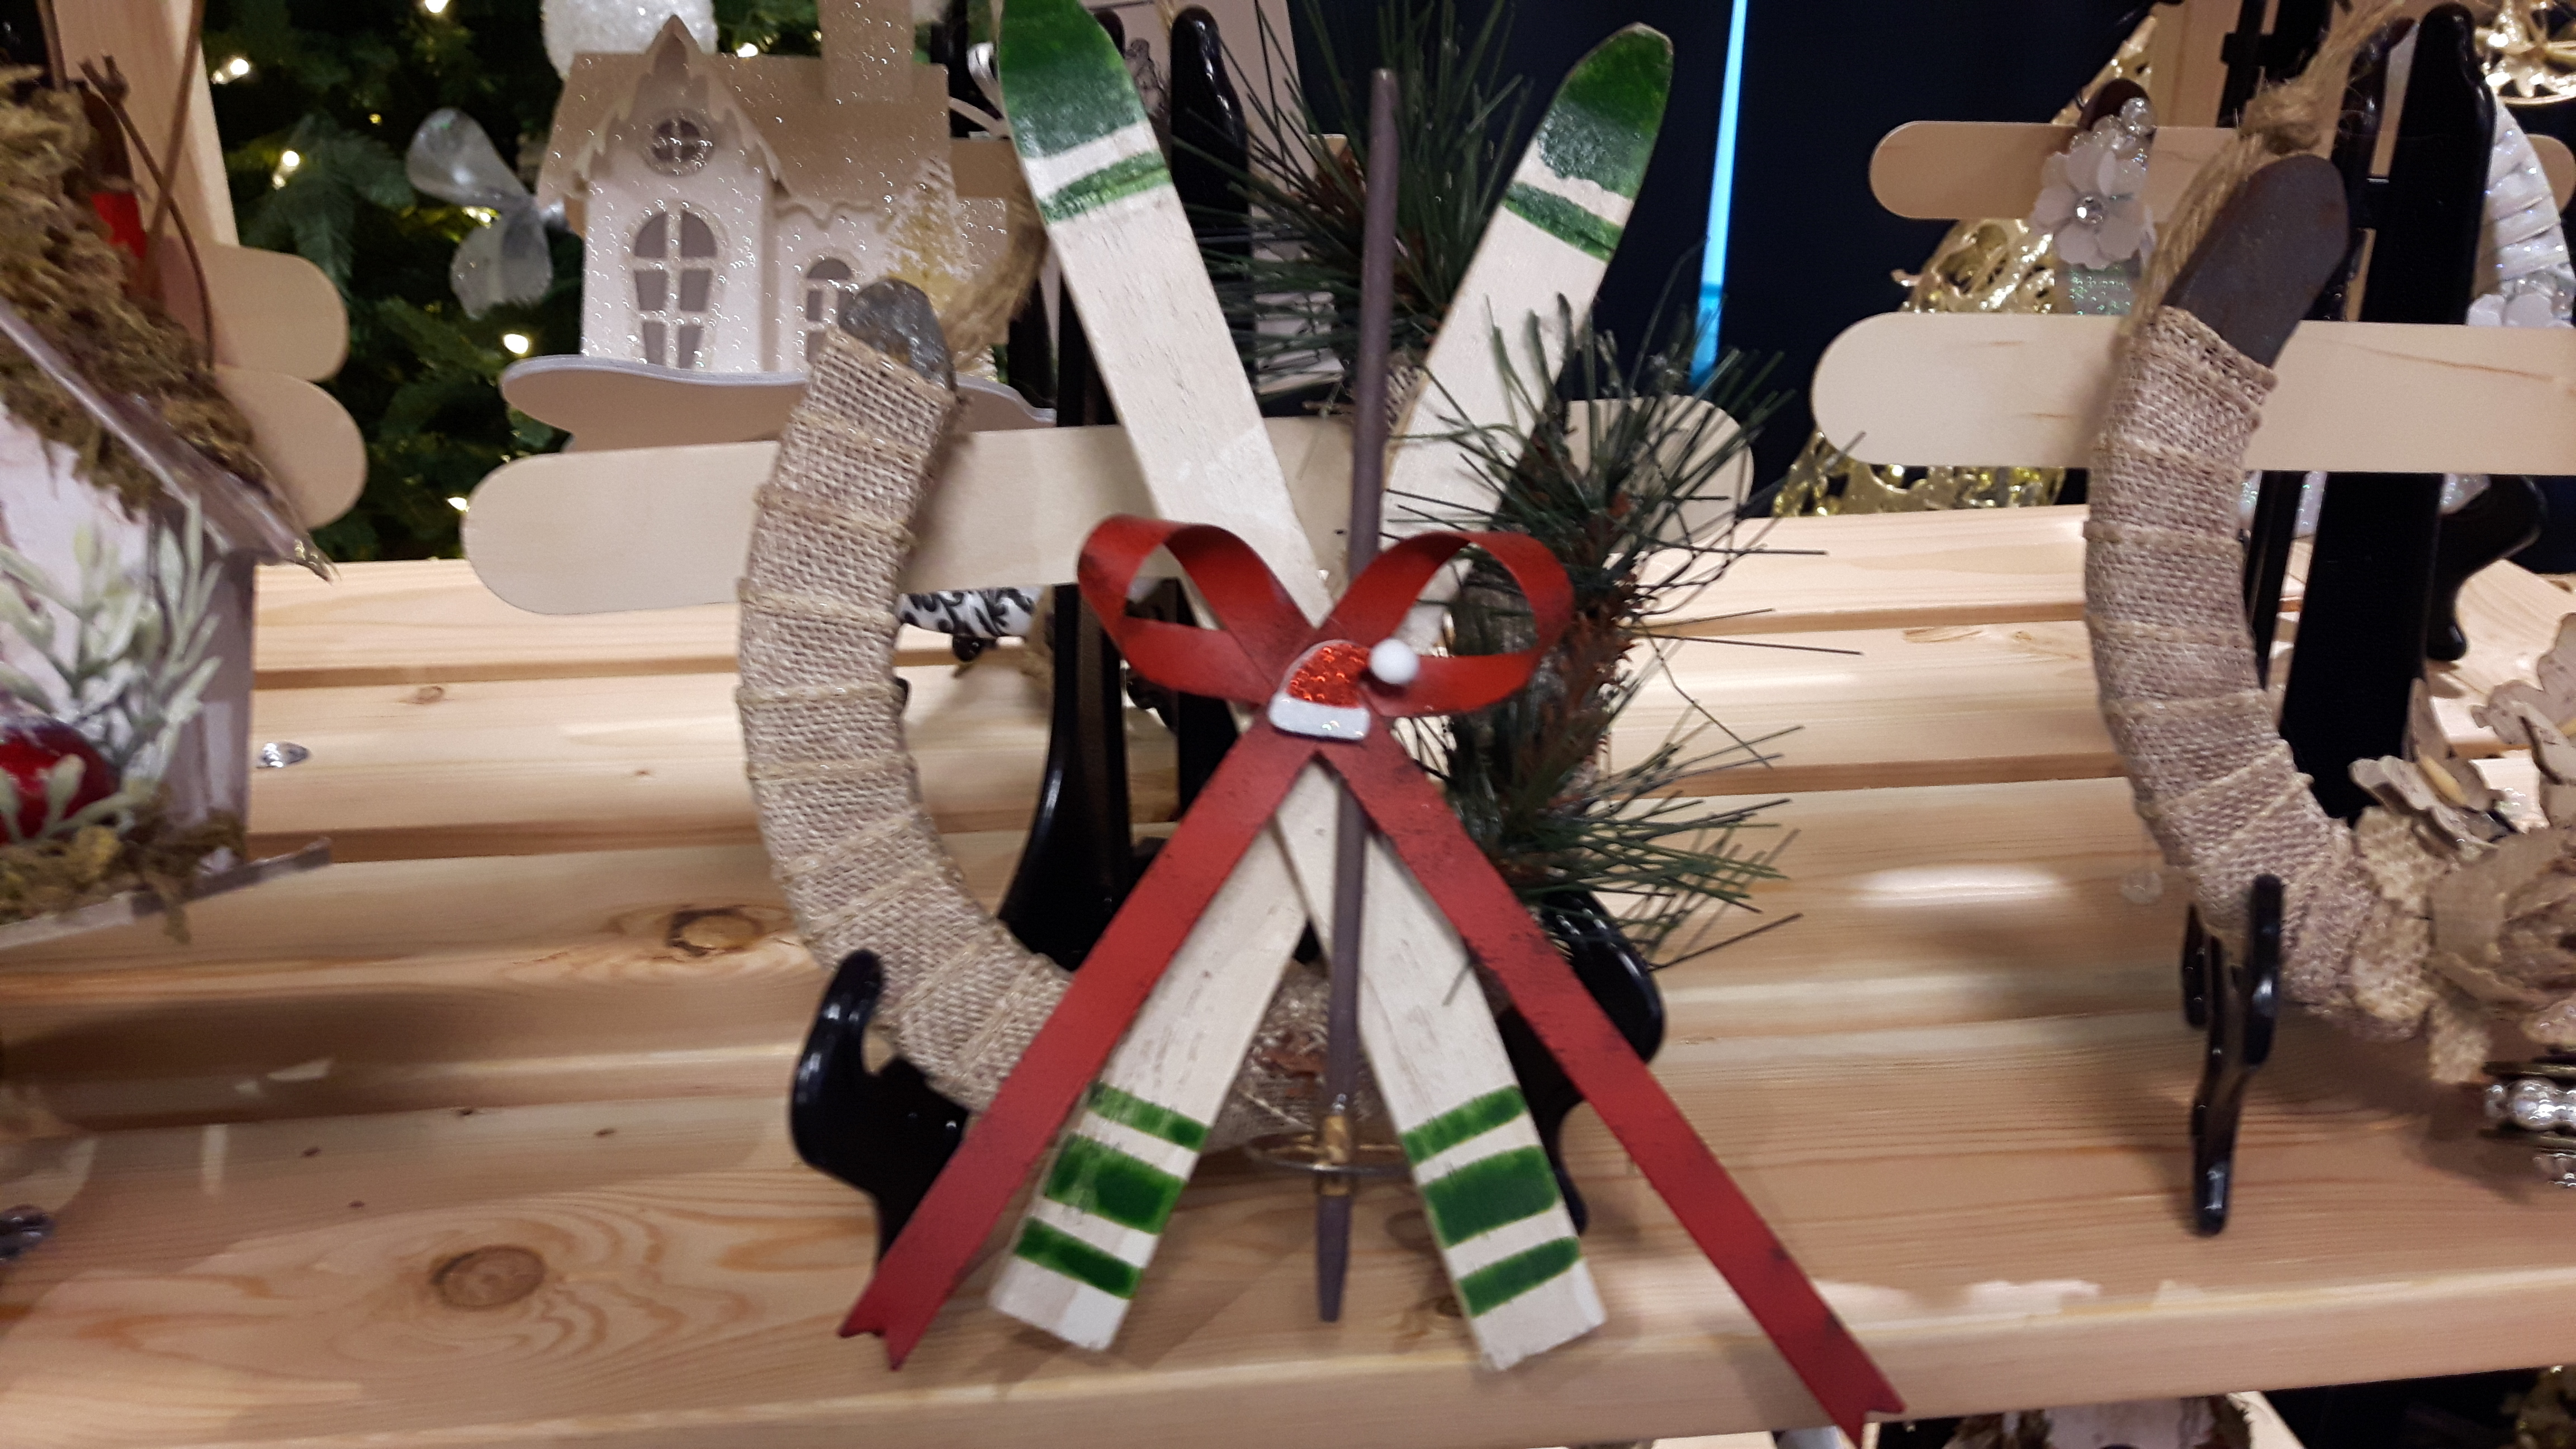 Horse Shoe Skis